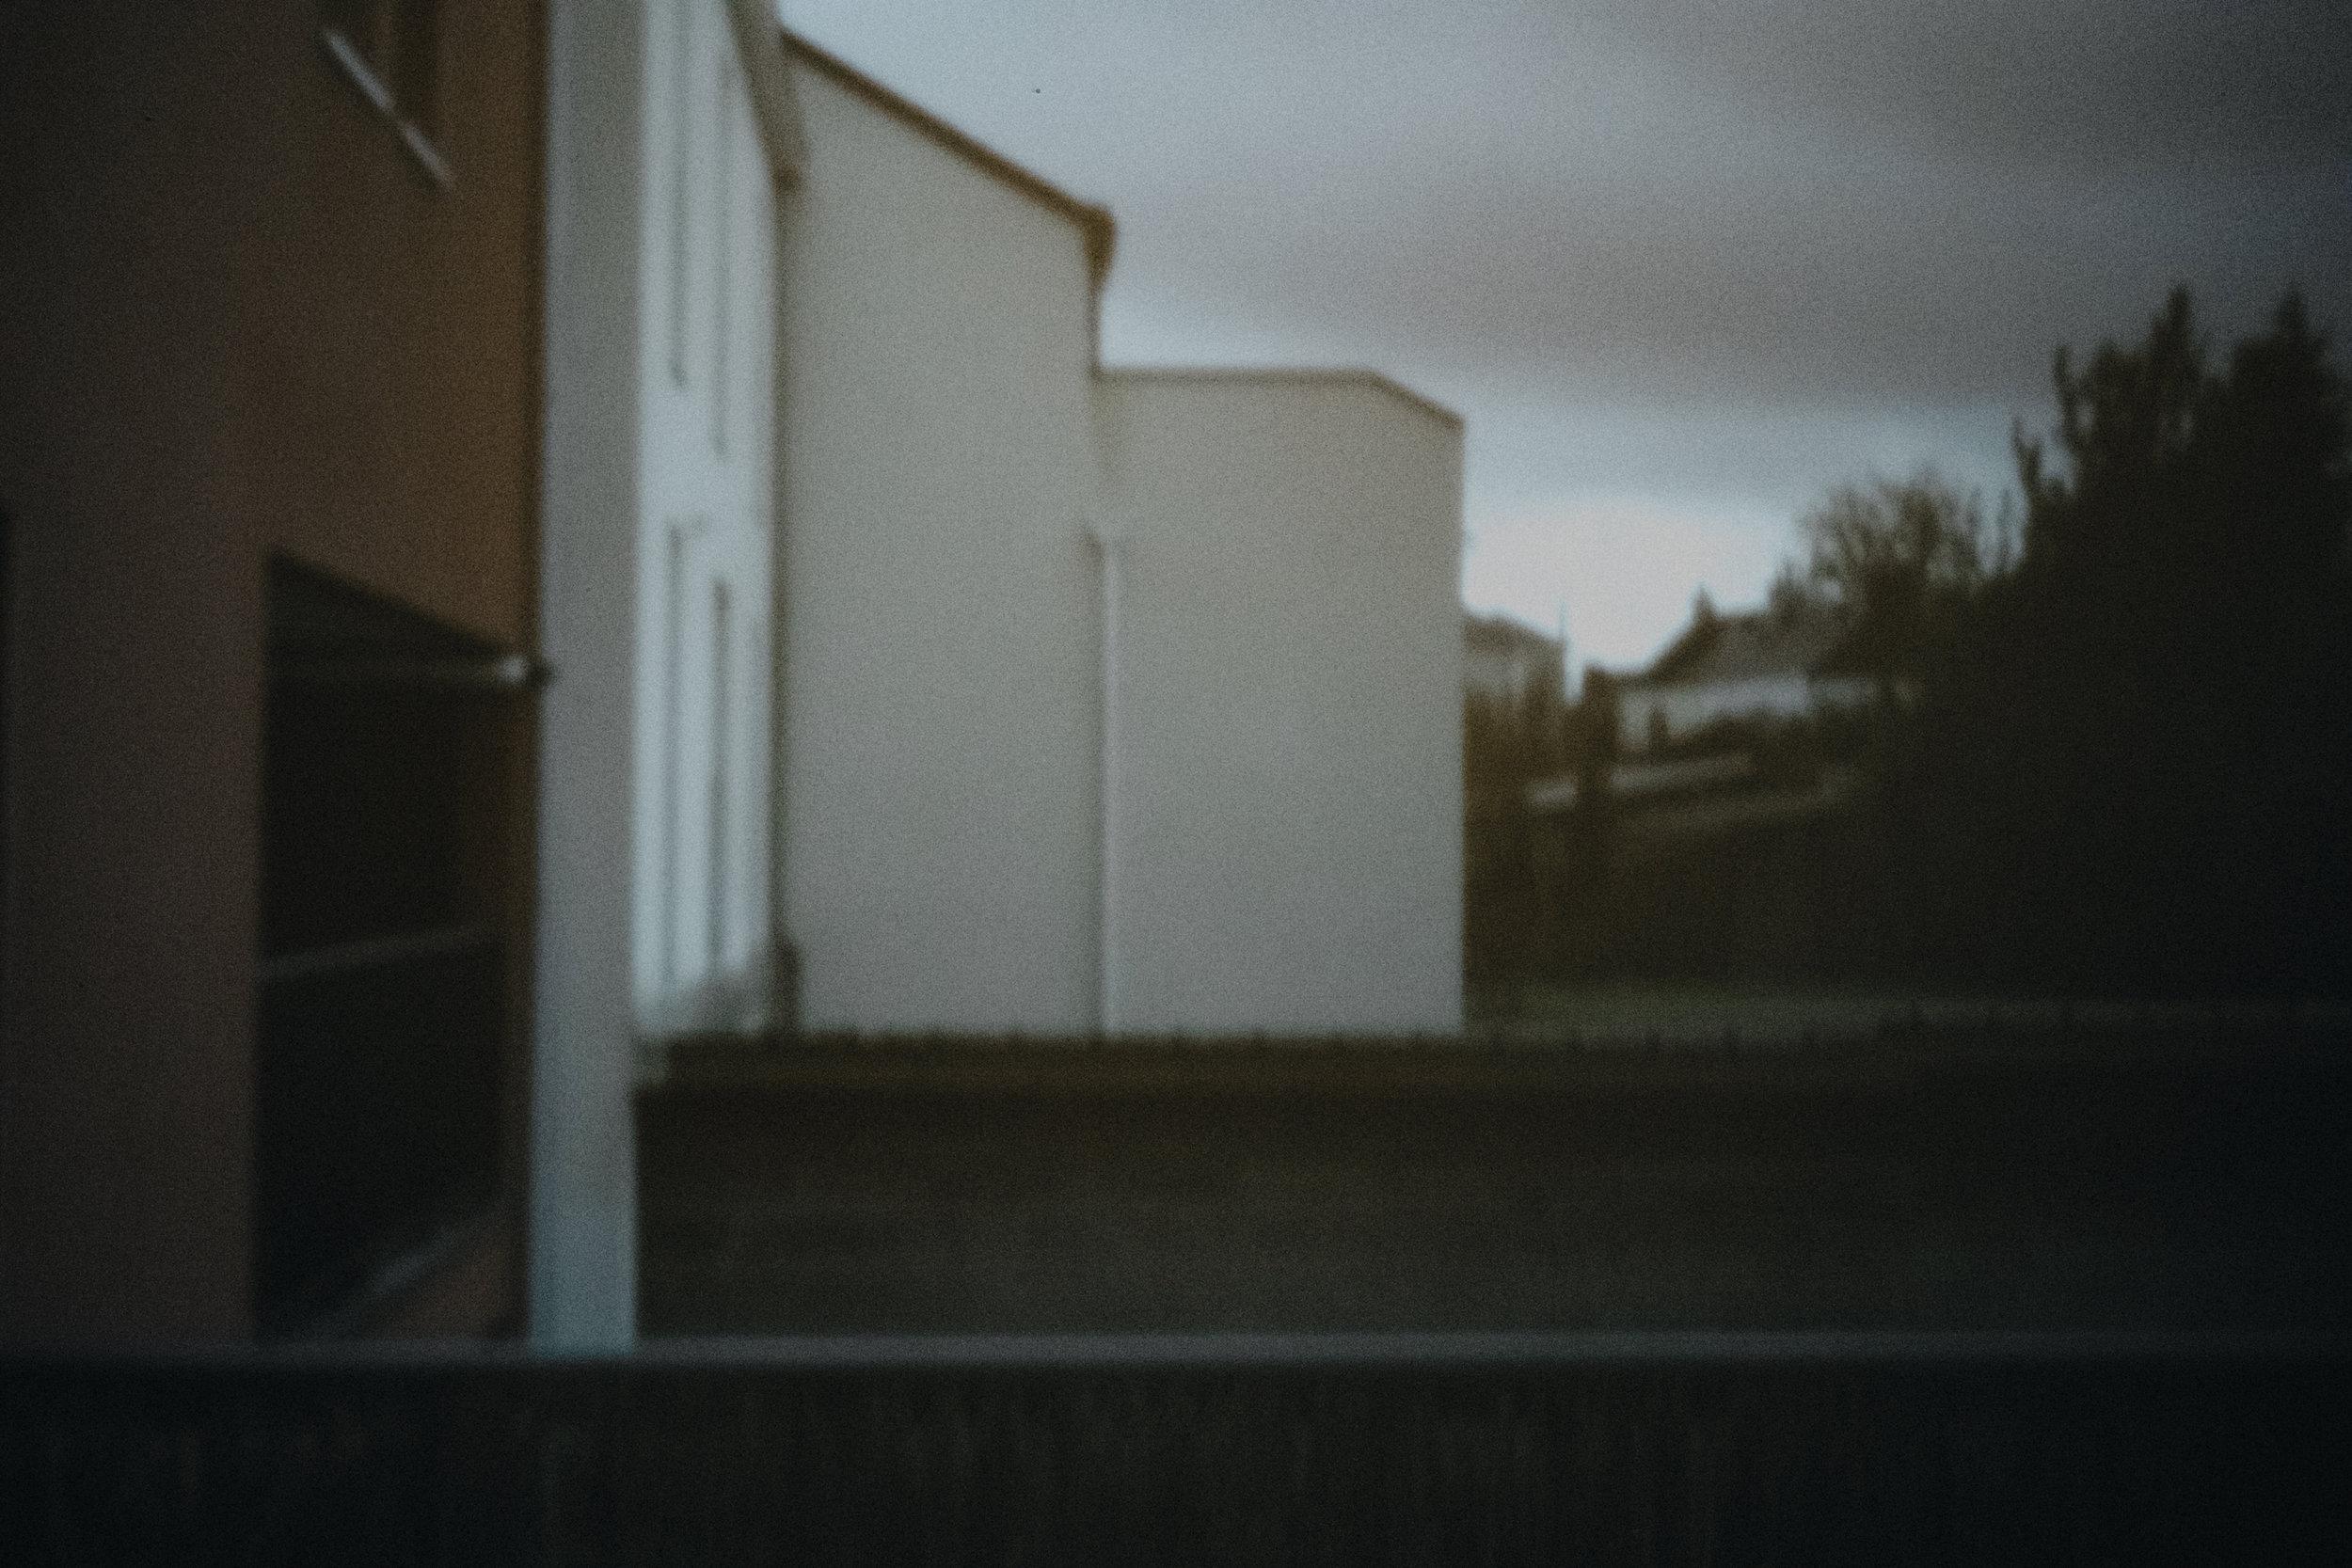 lensless-6962.jpg